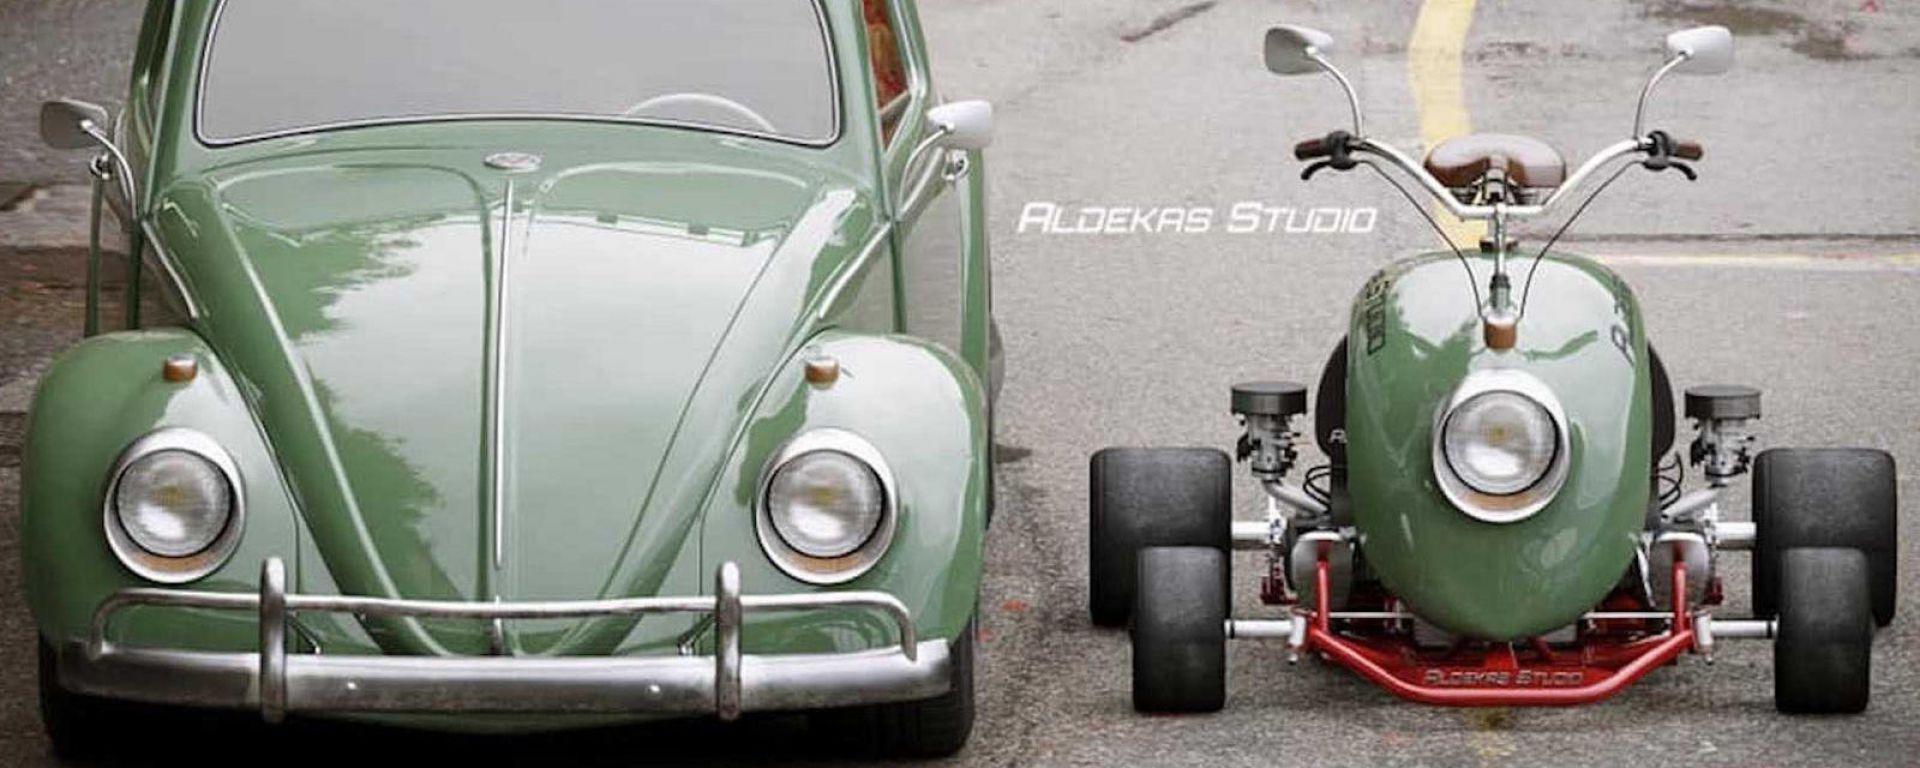 Il render di Aldekas Studio trasforma il parafango di una VW Beetle in go-kart